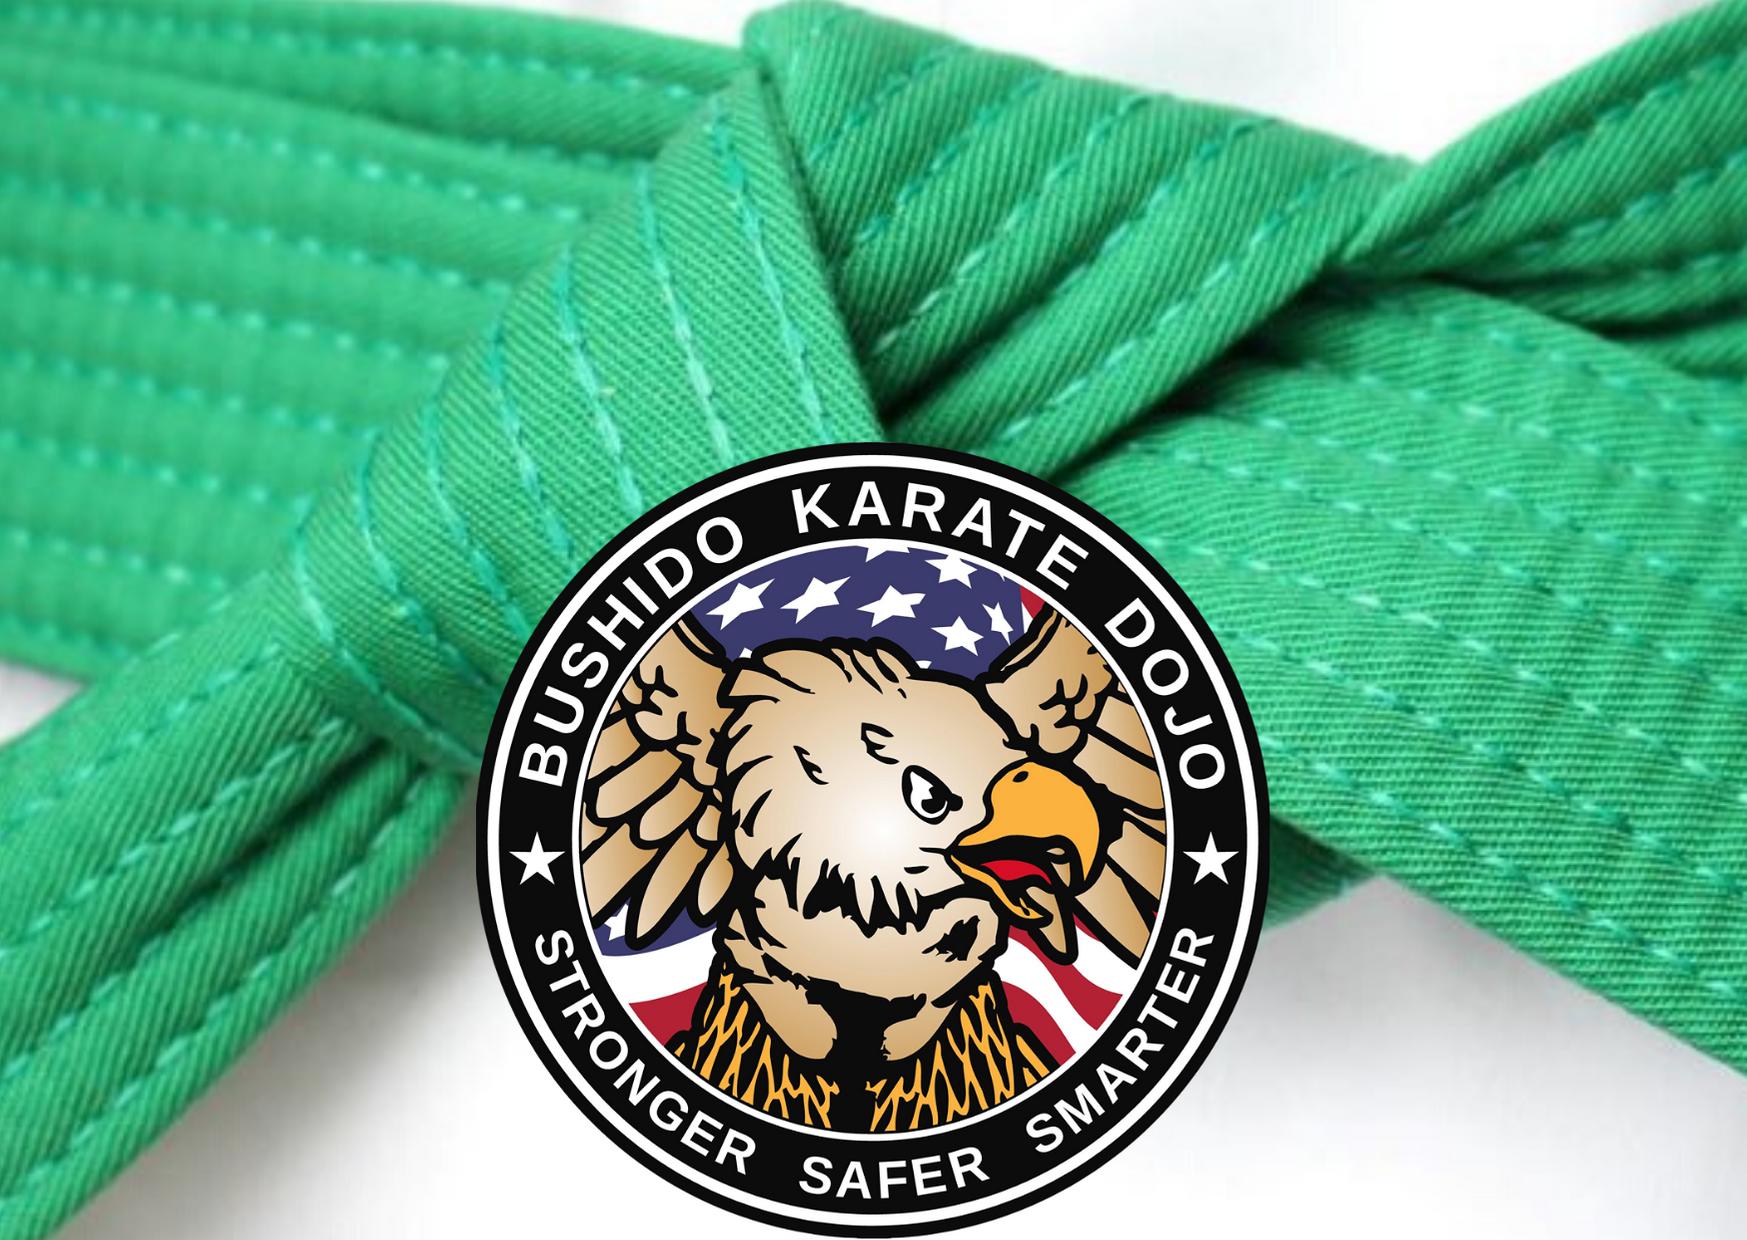 Bushido Karate Dojo: 4. Green Belt